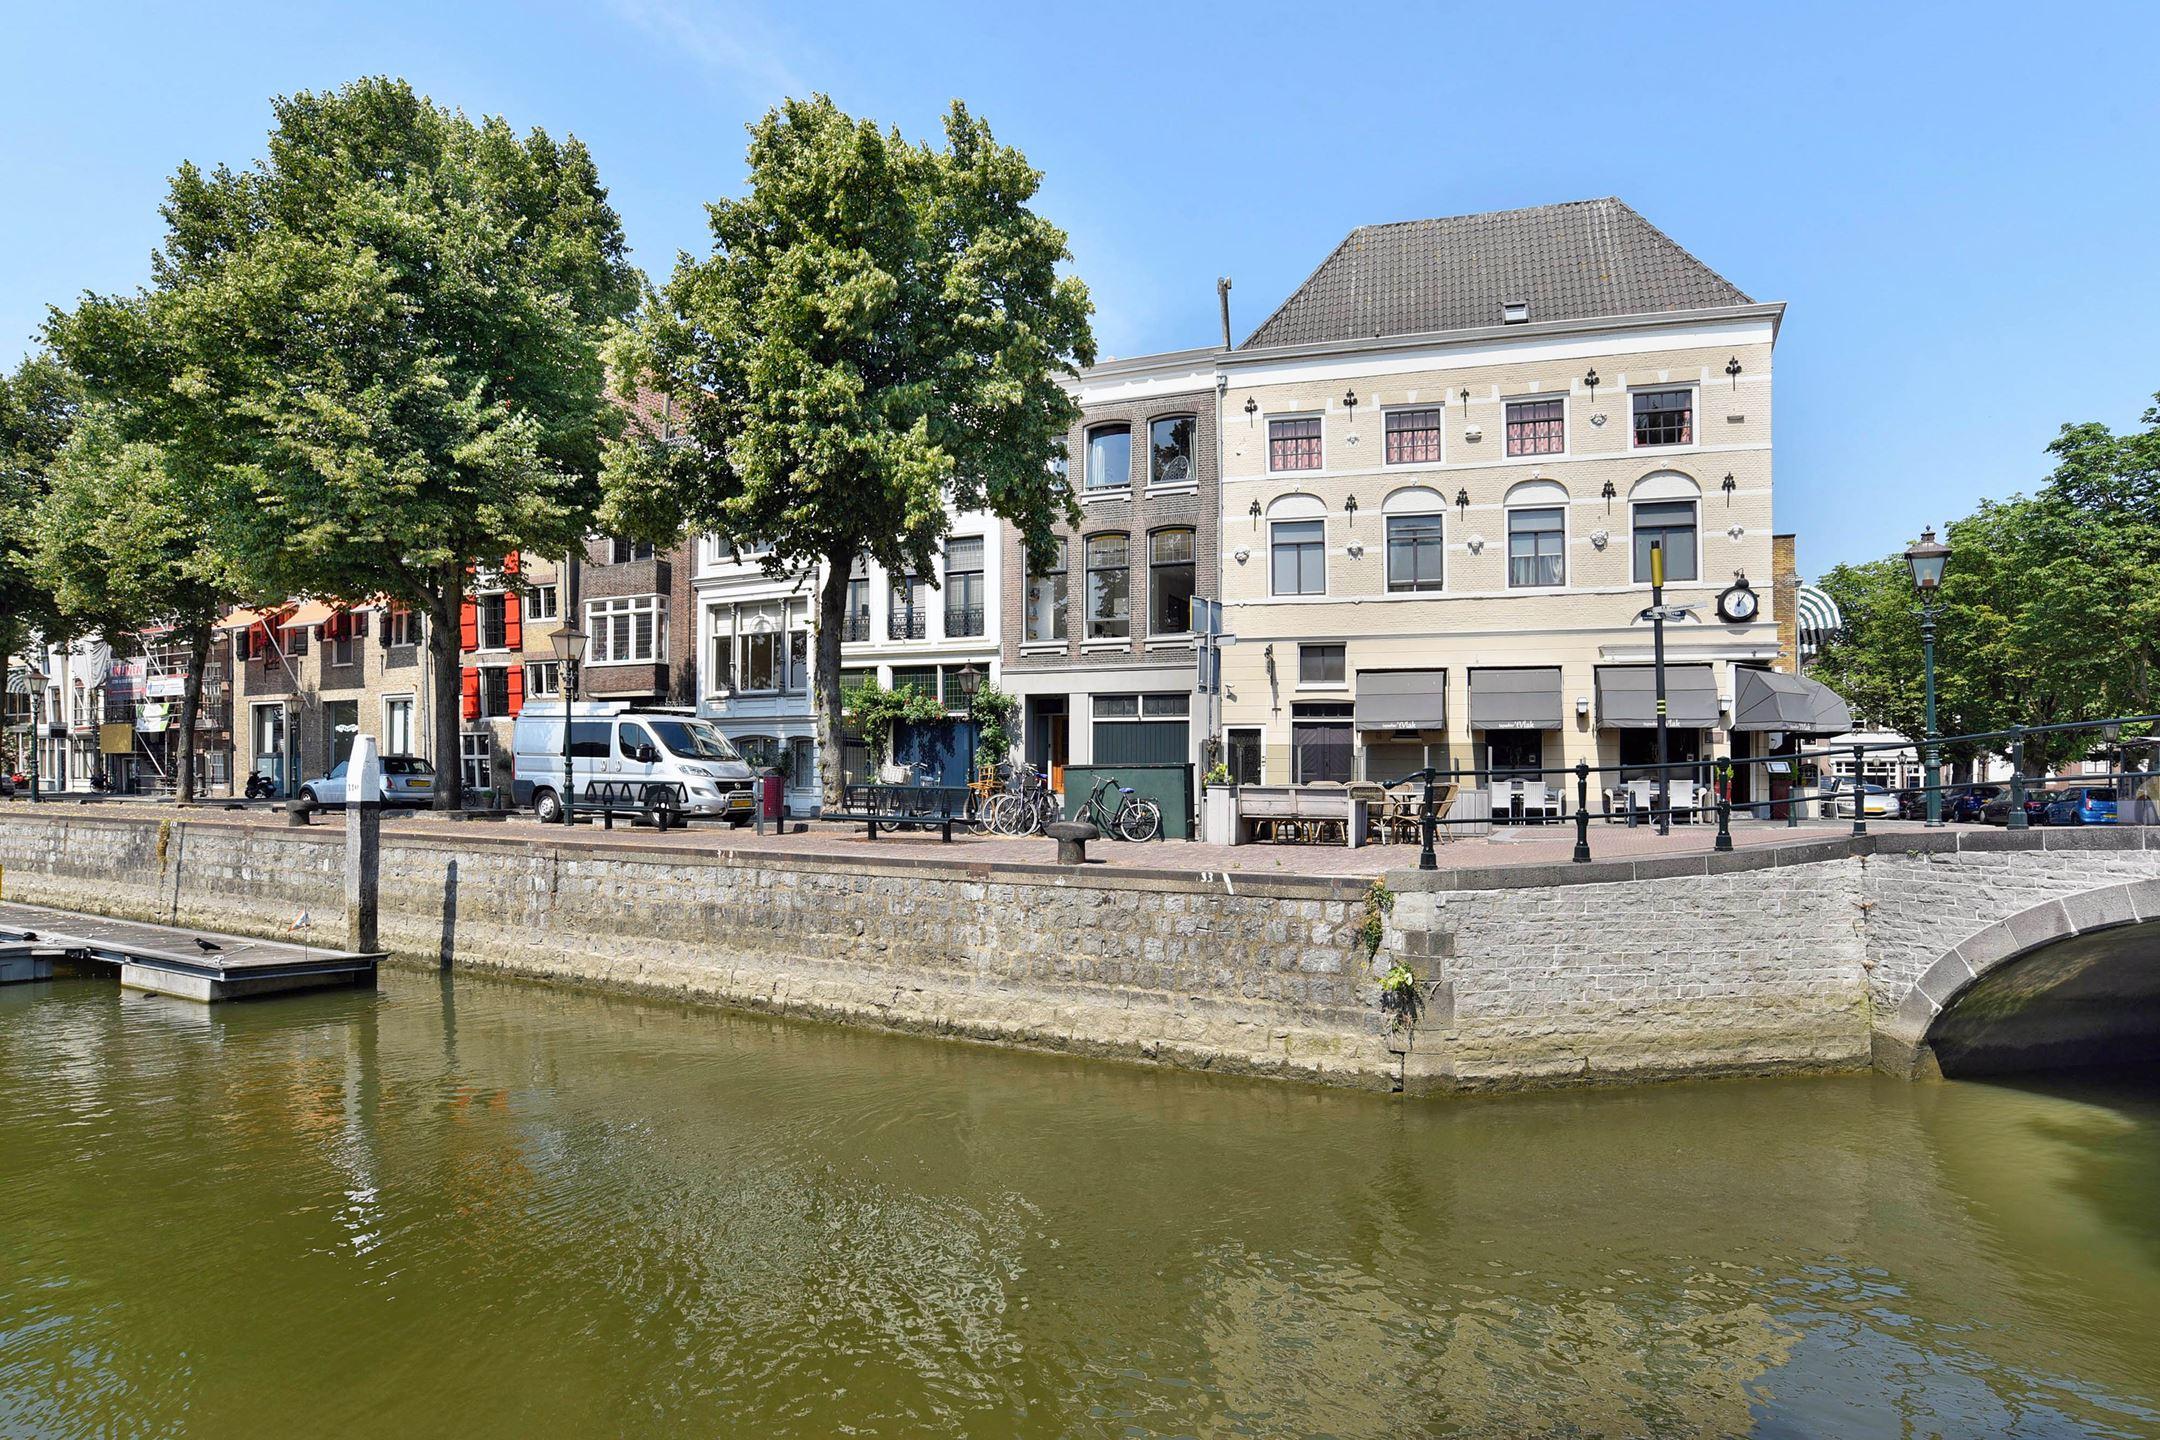 Nieuwe Badkamer Dordrecht : Verkocht nieuwe haven ap dordrecht funda